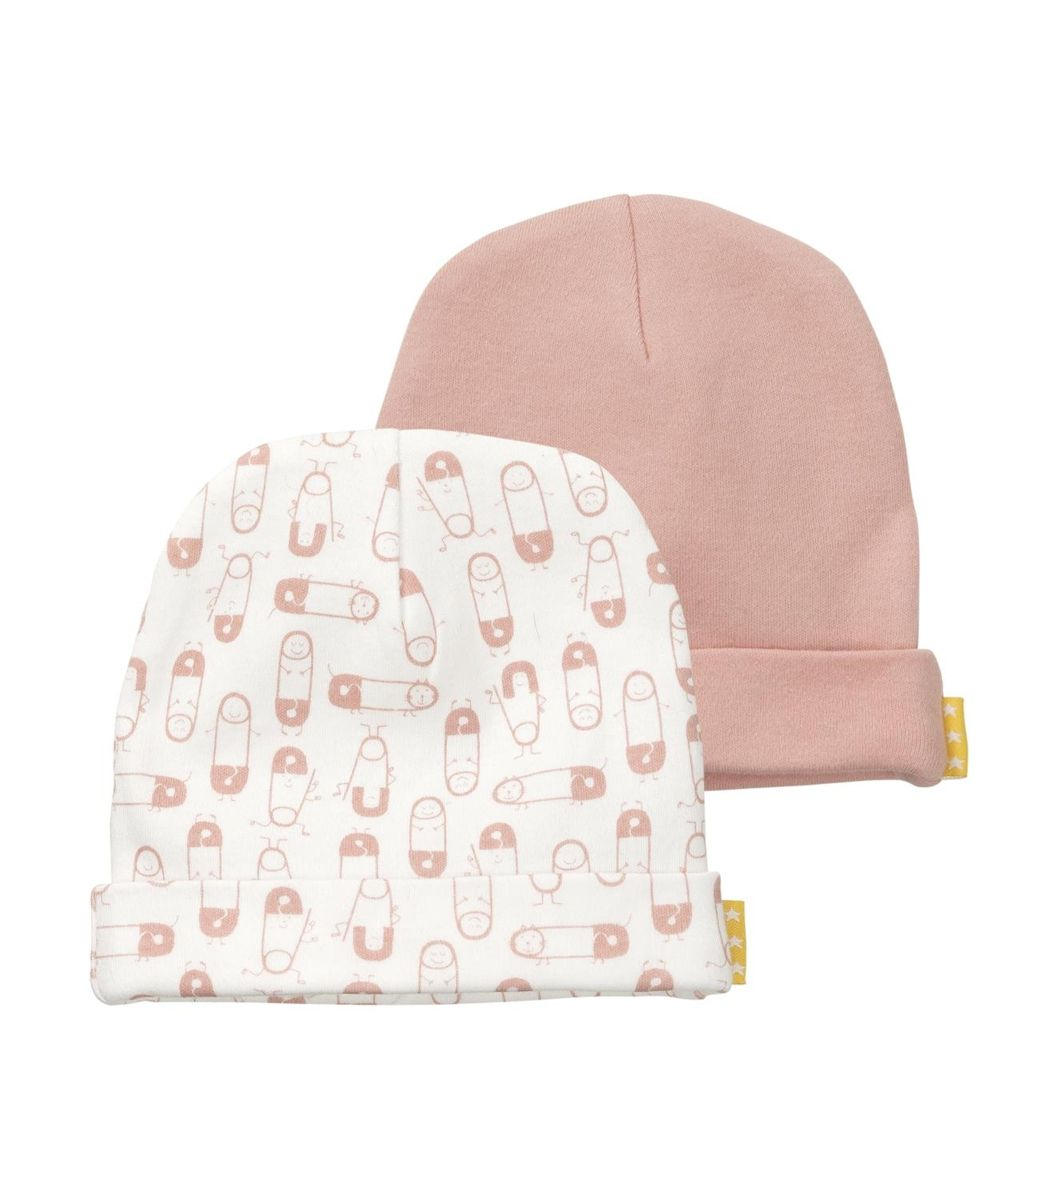 1606ec68a41c Bonnet et moufles organic cotton naissance - Blanc Lait - Nos sélections -  Obaïbi   Okaïdi   Bébé   Baby